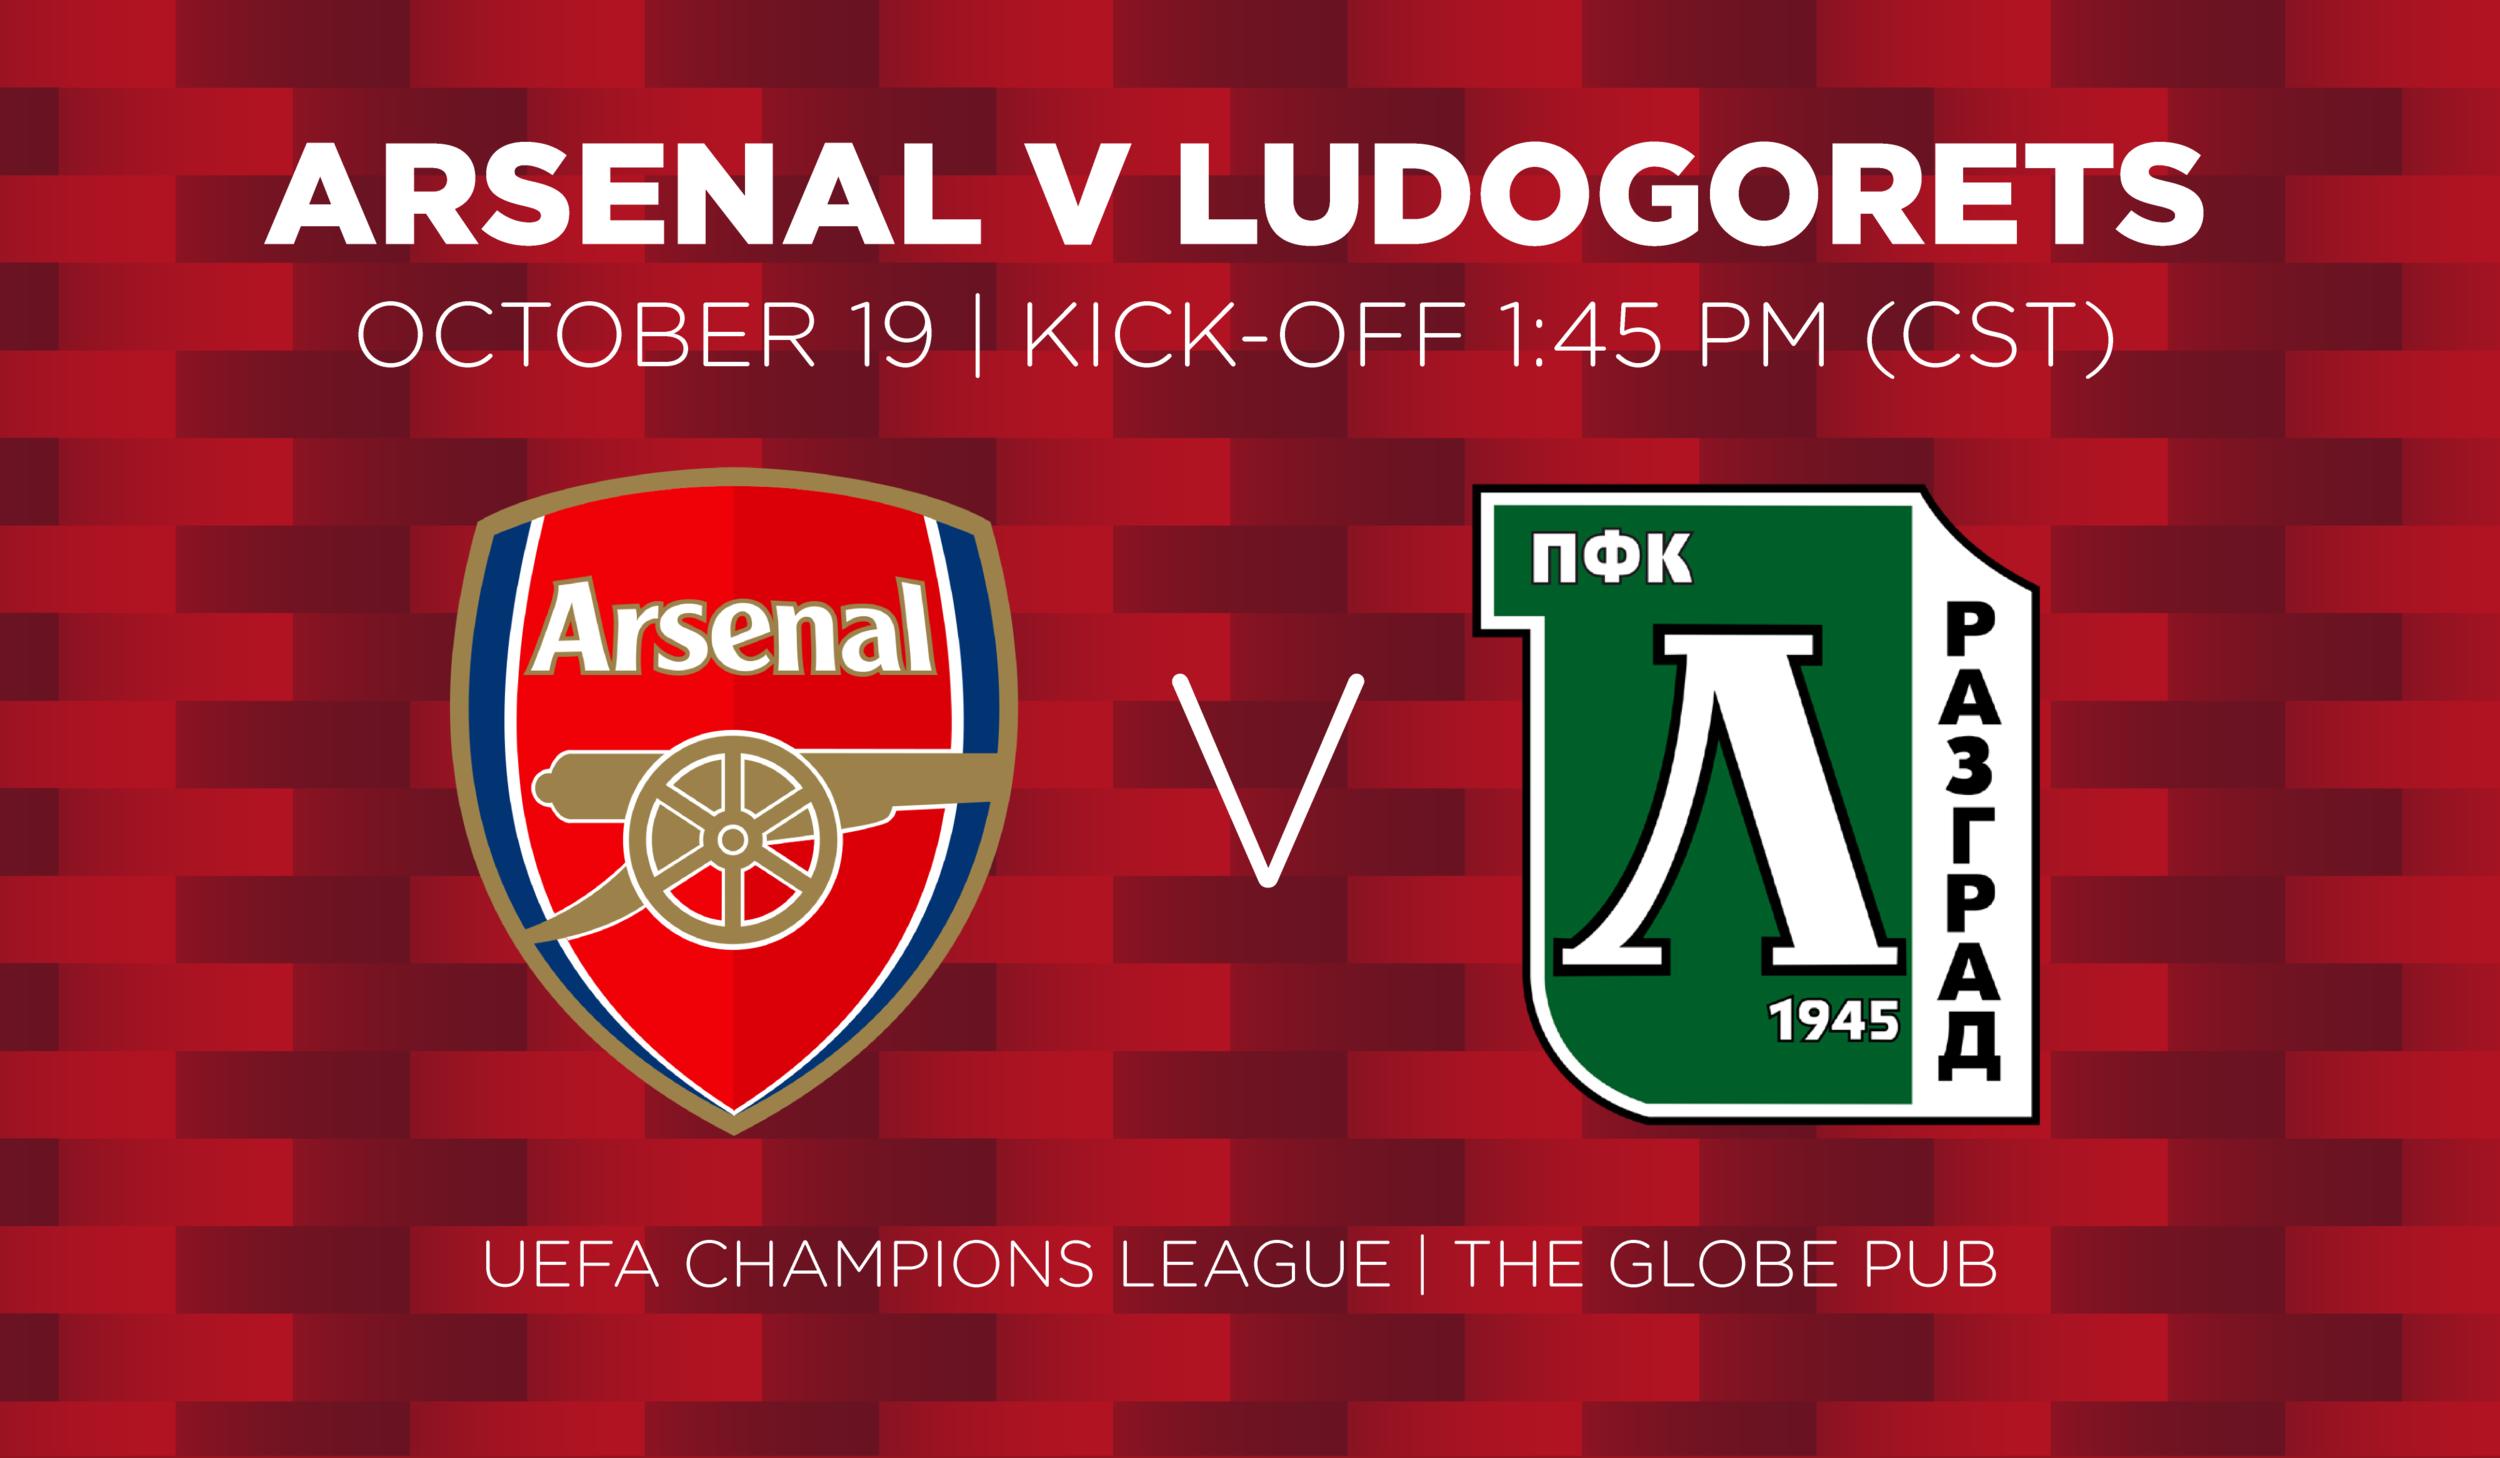 Arsenal V Ludogorets